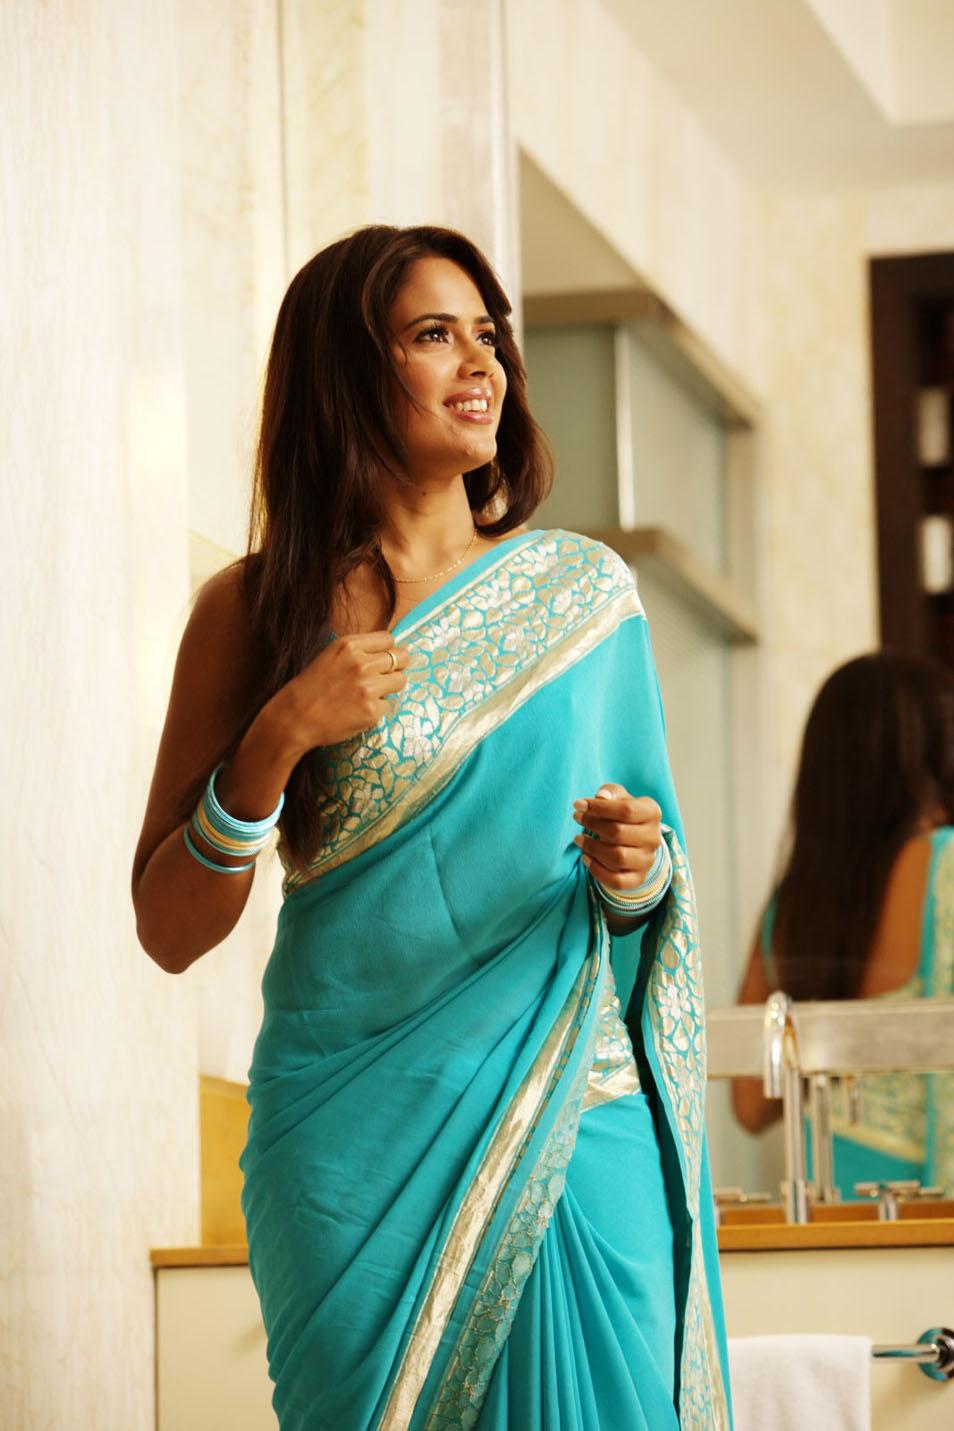 Sameera Hot Stills- Sameera Reddy Hot Gallery, Sameera -6548